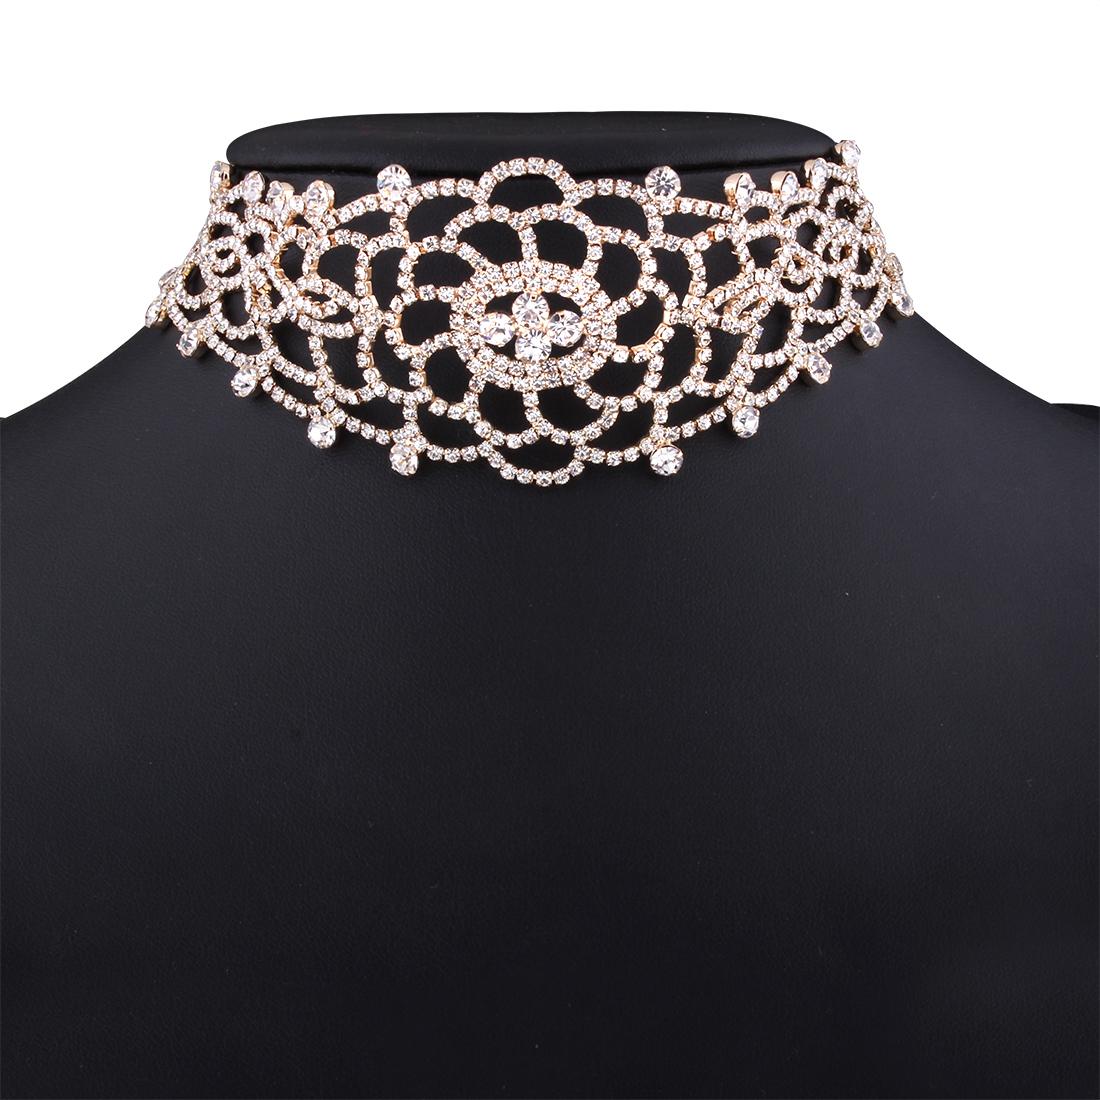 5d356d896d31 ... Crystal Rhinestone Choker Collar Women Wedding Jewelry ·  1482204368 2146.jpg · 1482204361 5863.jpg · 1482204353 7004.jpg ·  1482204342 9253.jpg ...